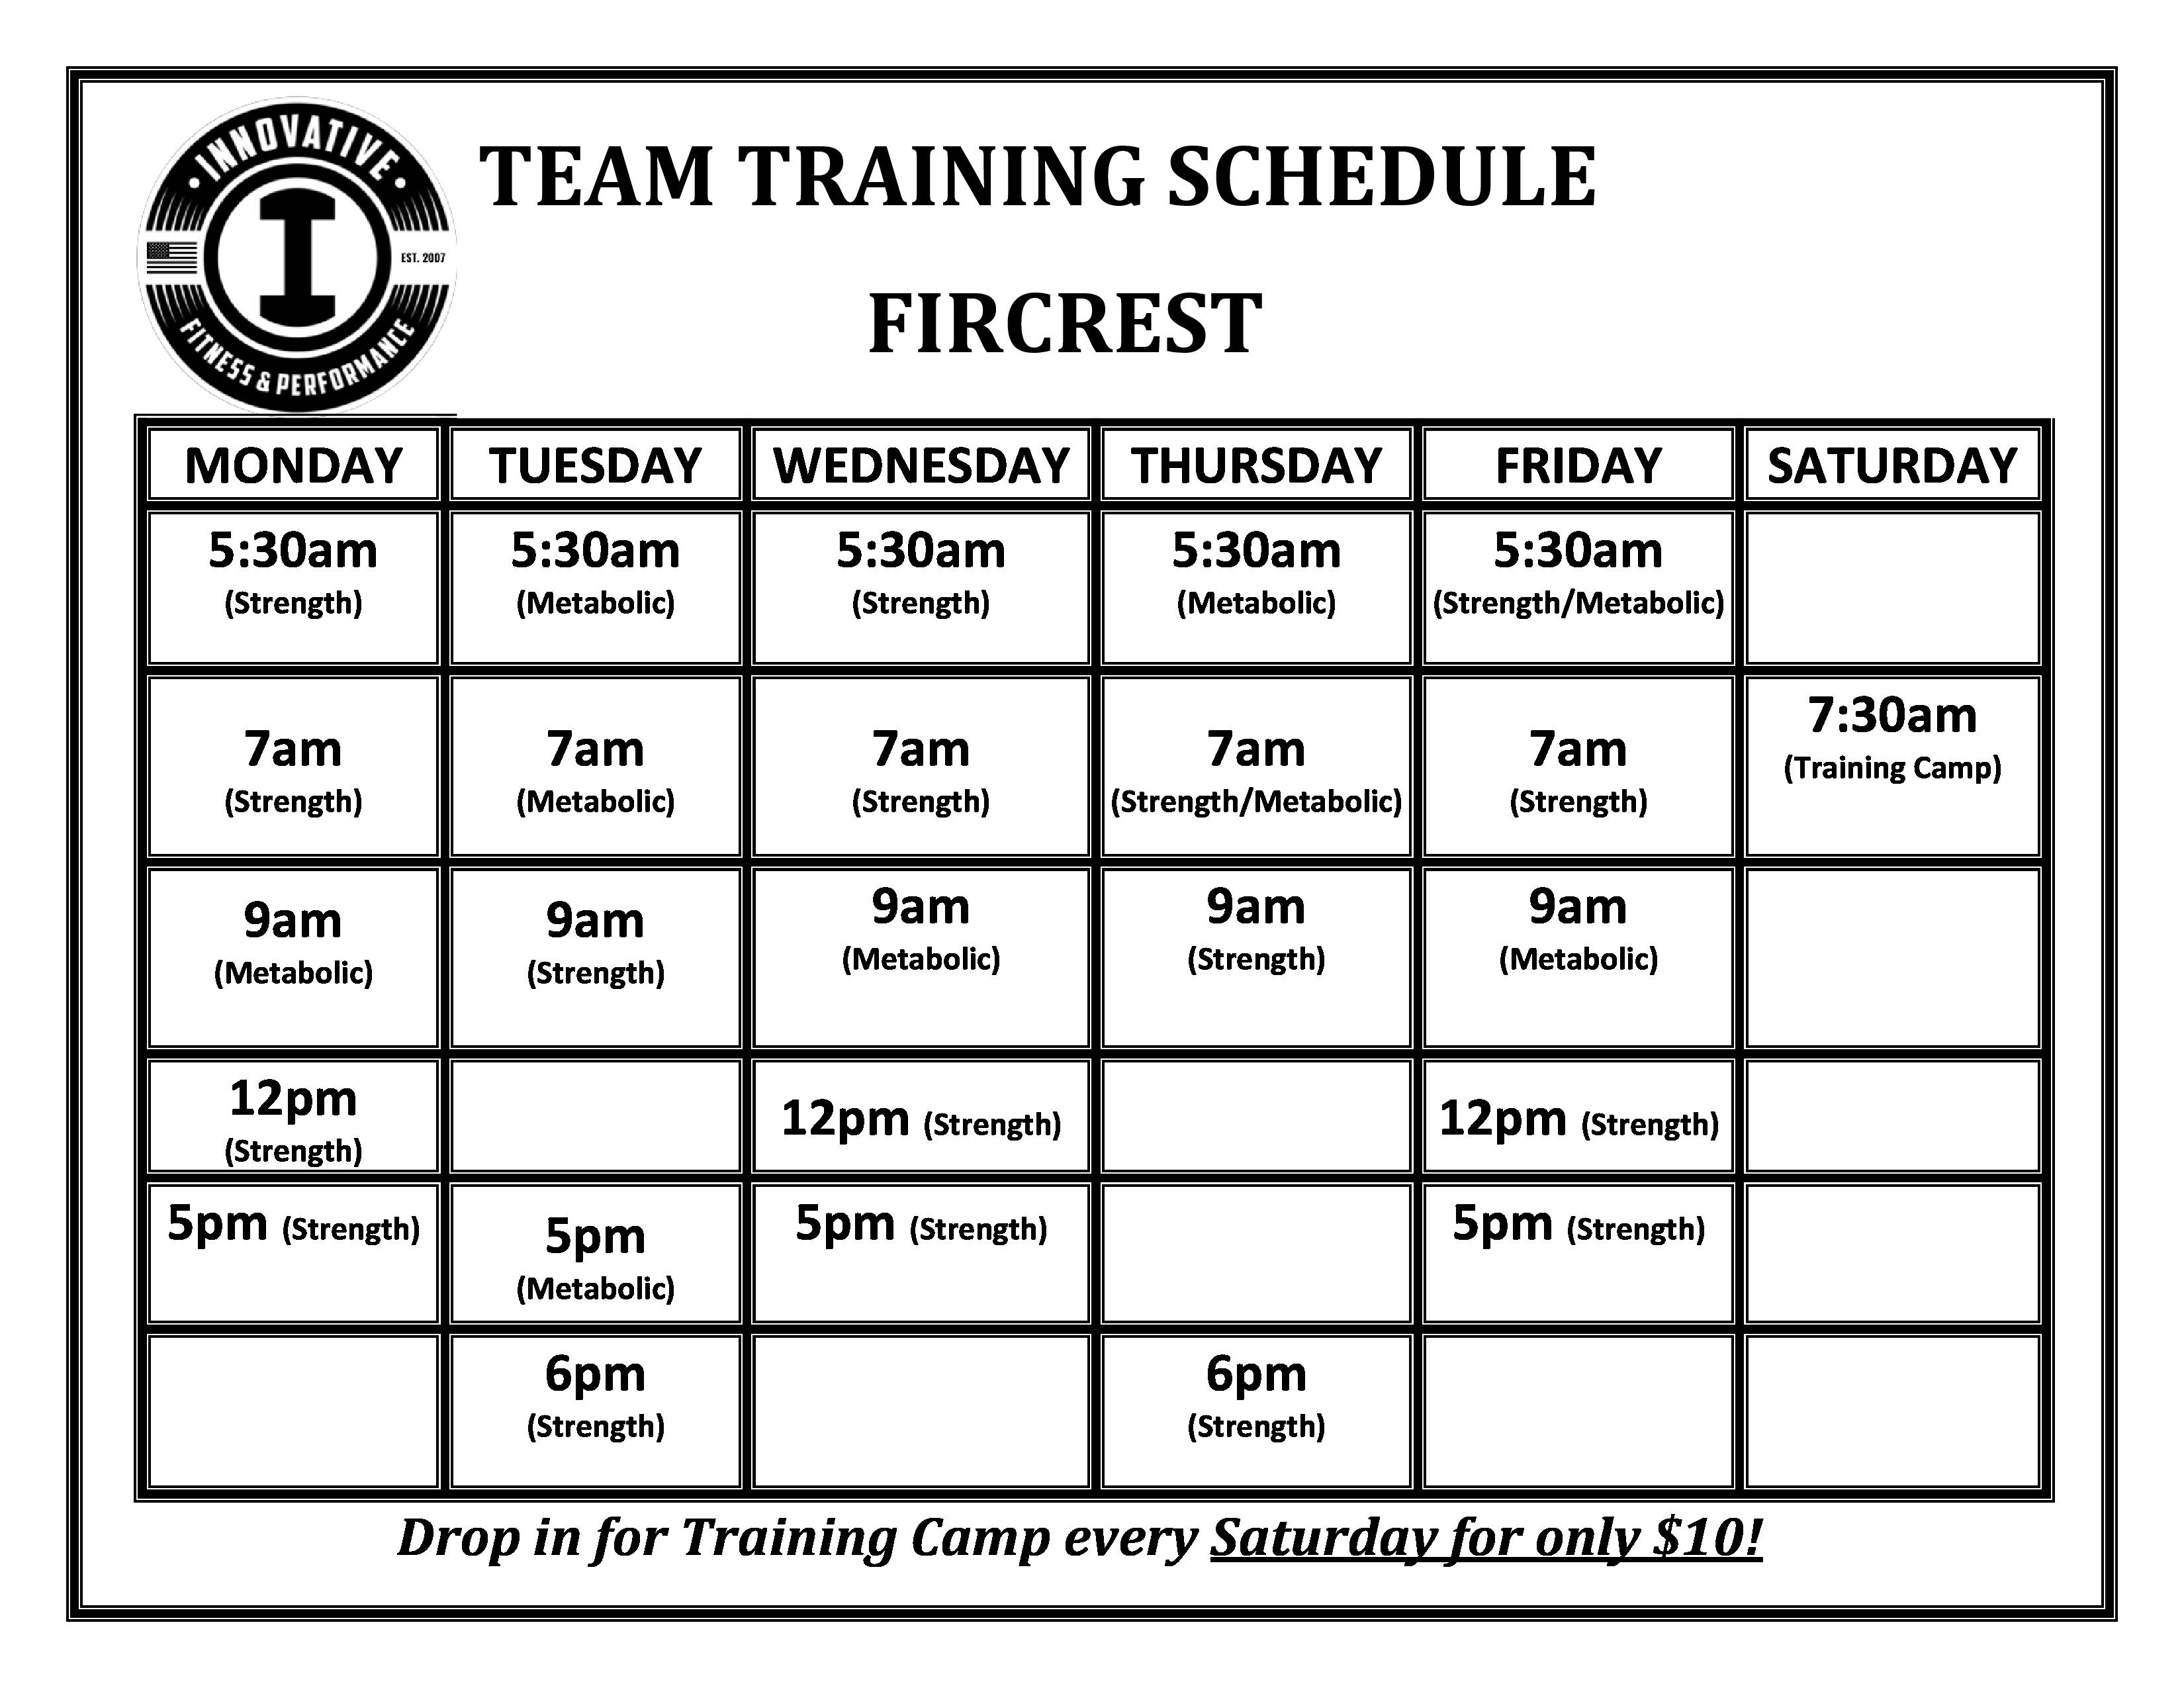 Fir Team Training Schedule - sept